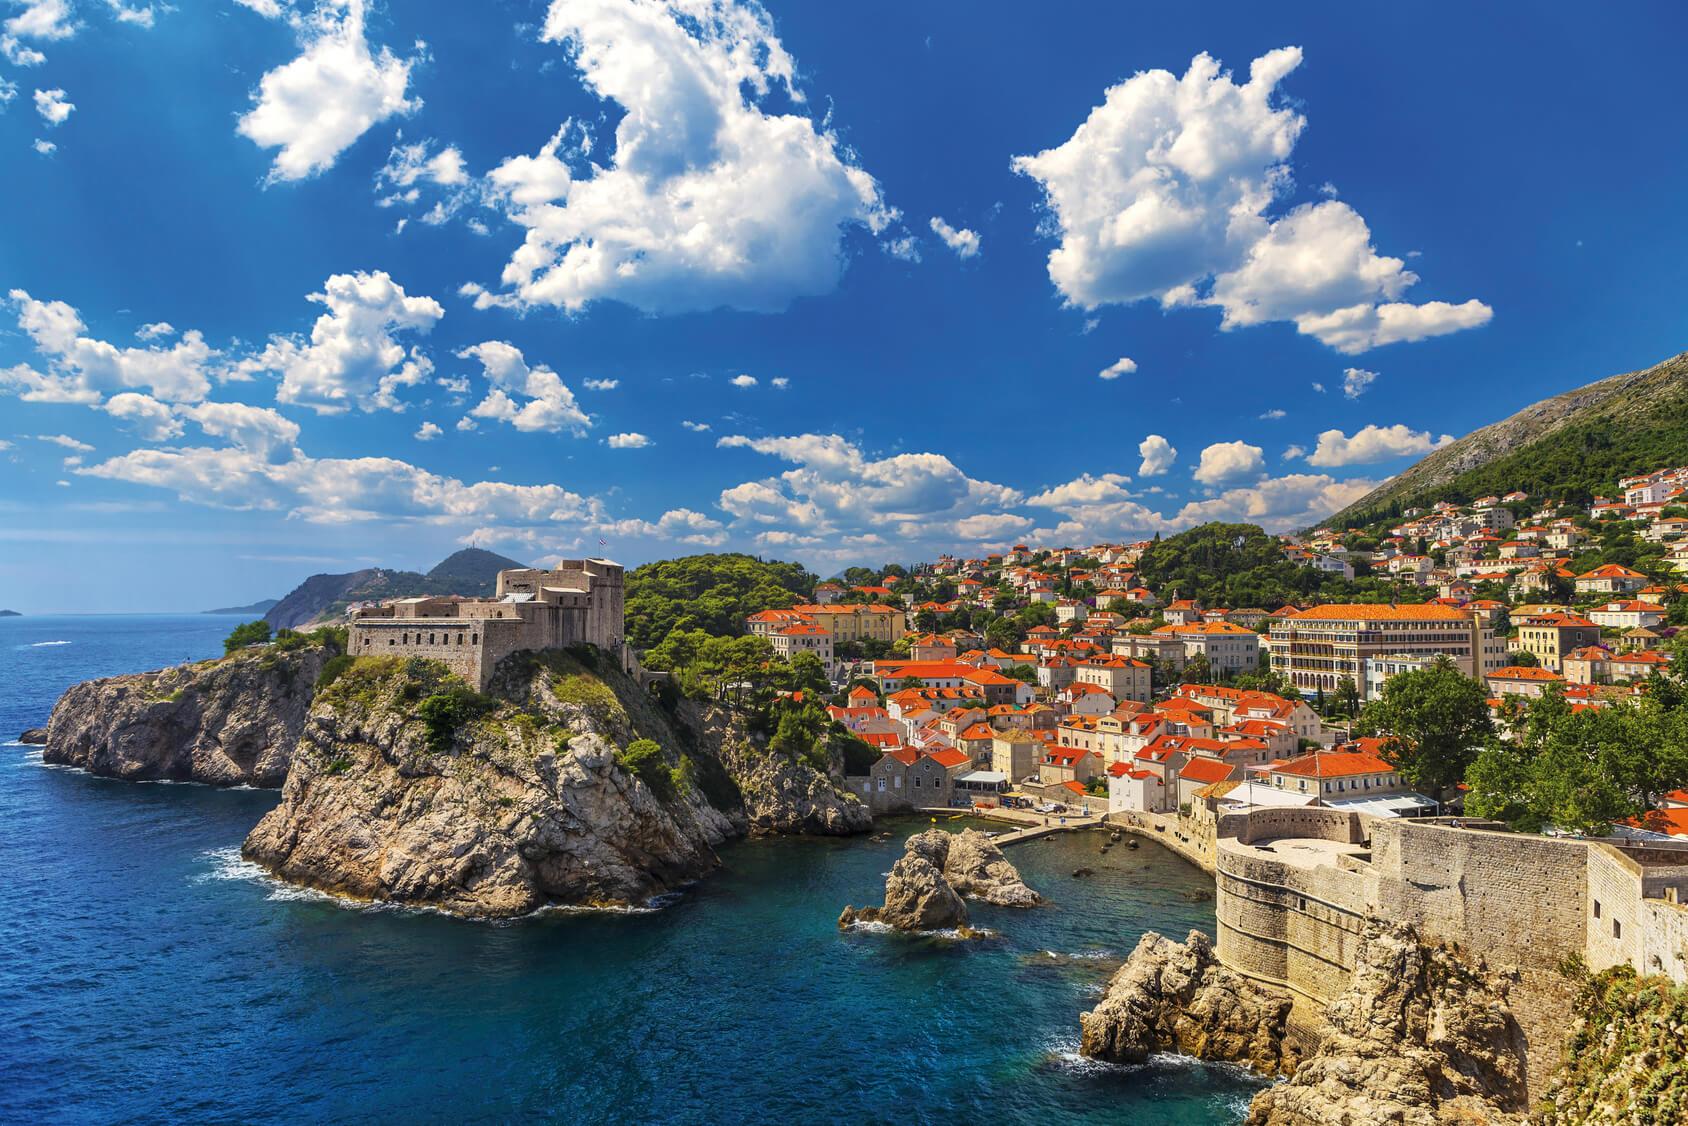 croatie-dubrovnik-illu